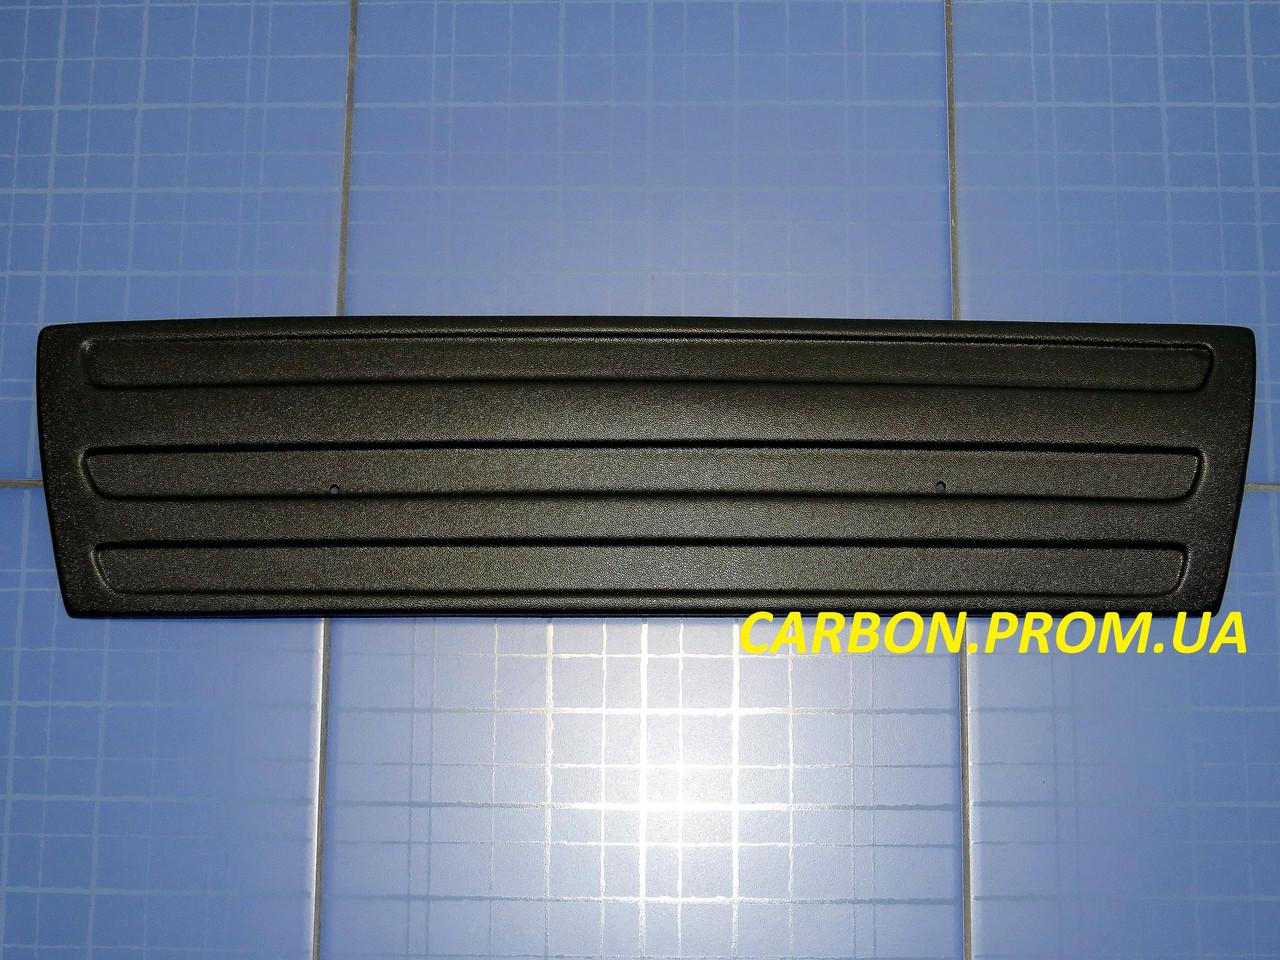 Зимняя заглушка решётки радиатора Фольксваген Кадди низ 2004-2010 матовая Fly. Утеплитель Volkswagen Caddy